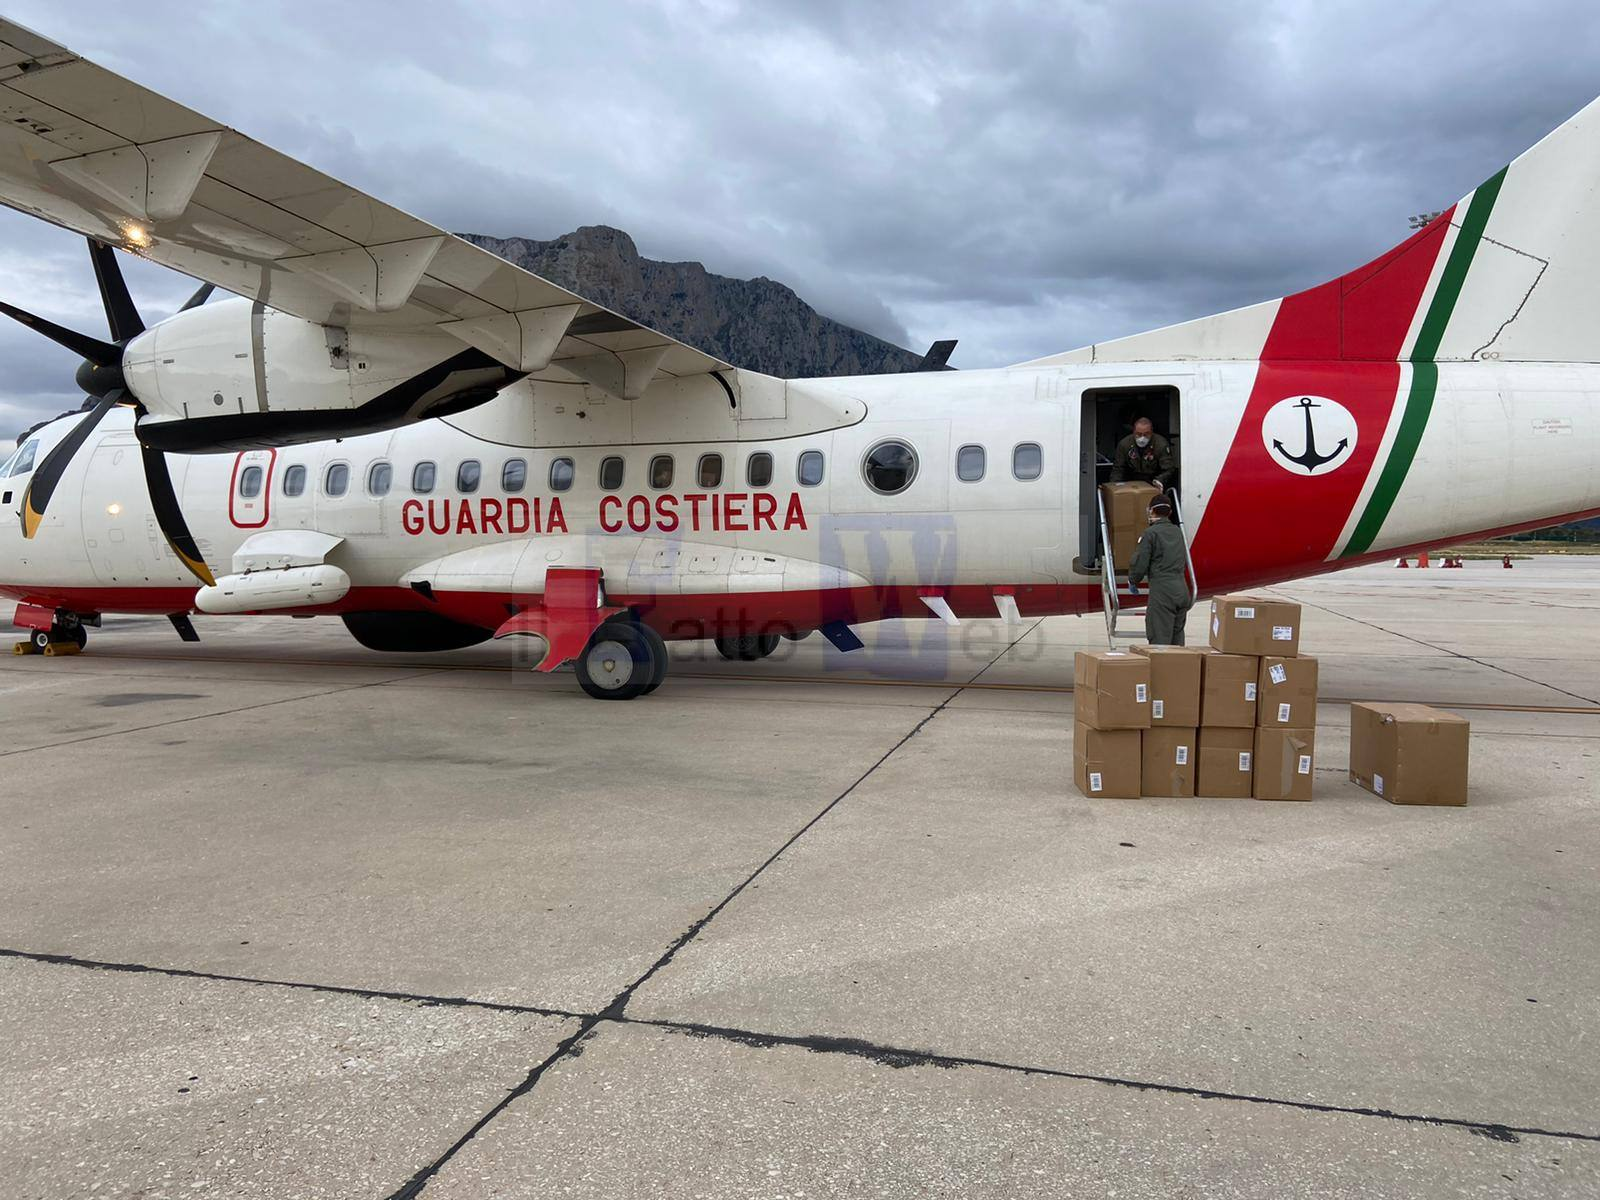 Emergenza Covid-19, un aereo della Guardia Costiera interviene per il trasporto urgente di DPI